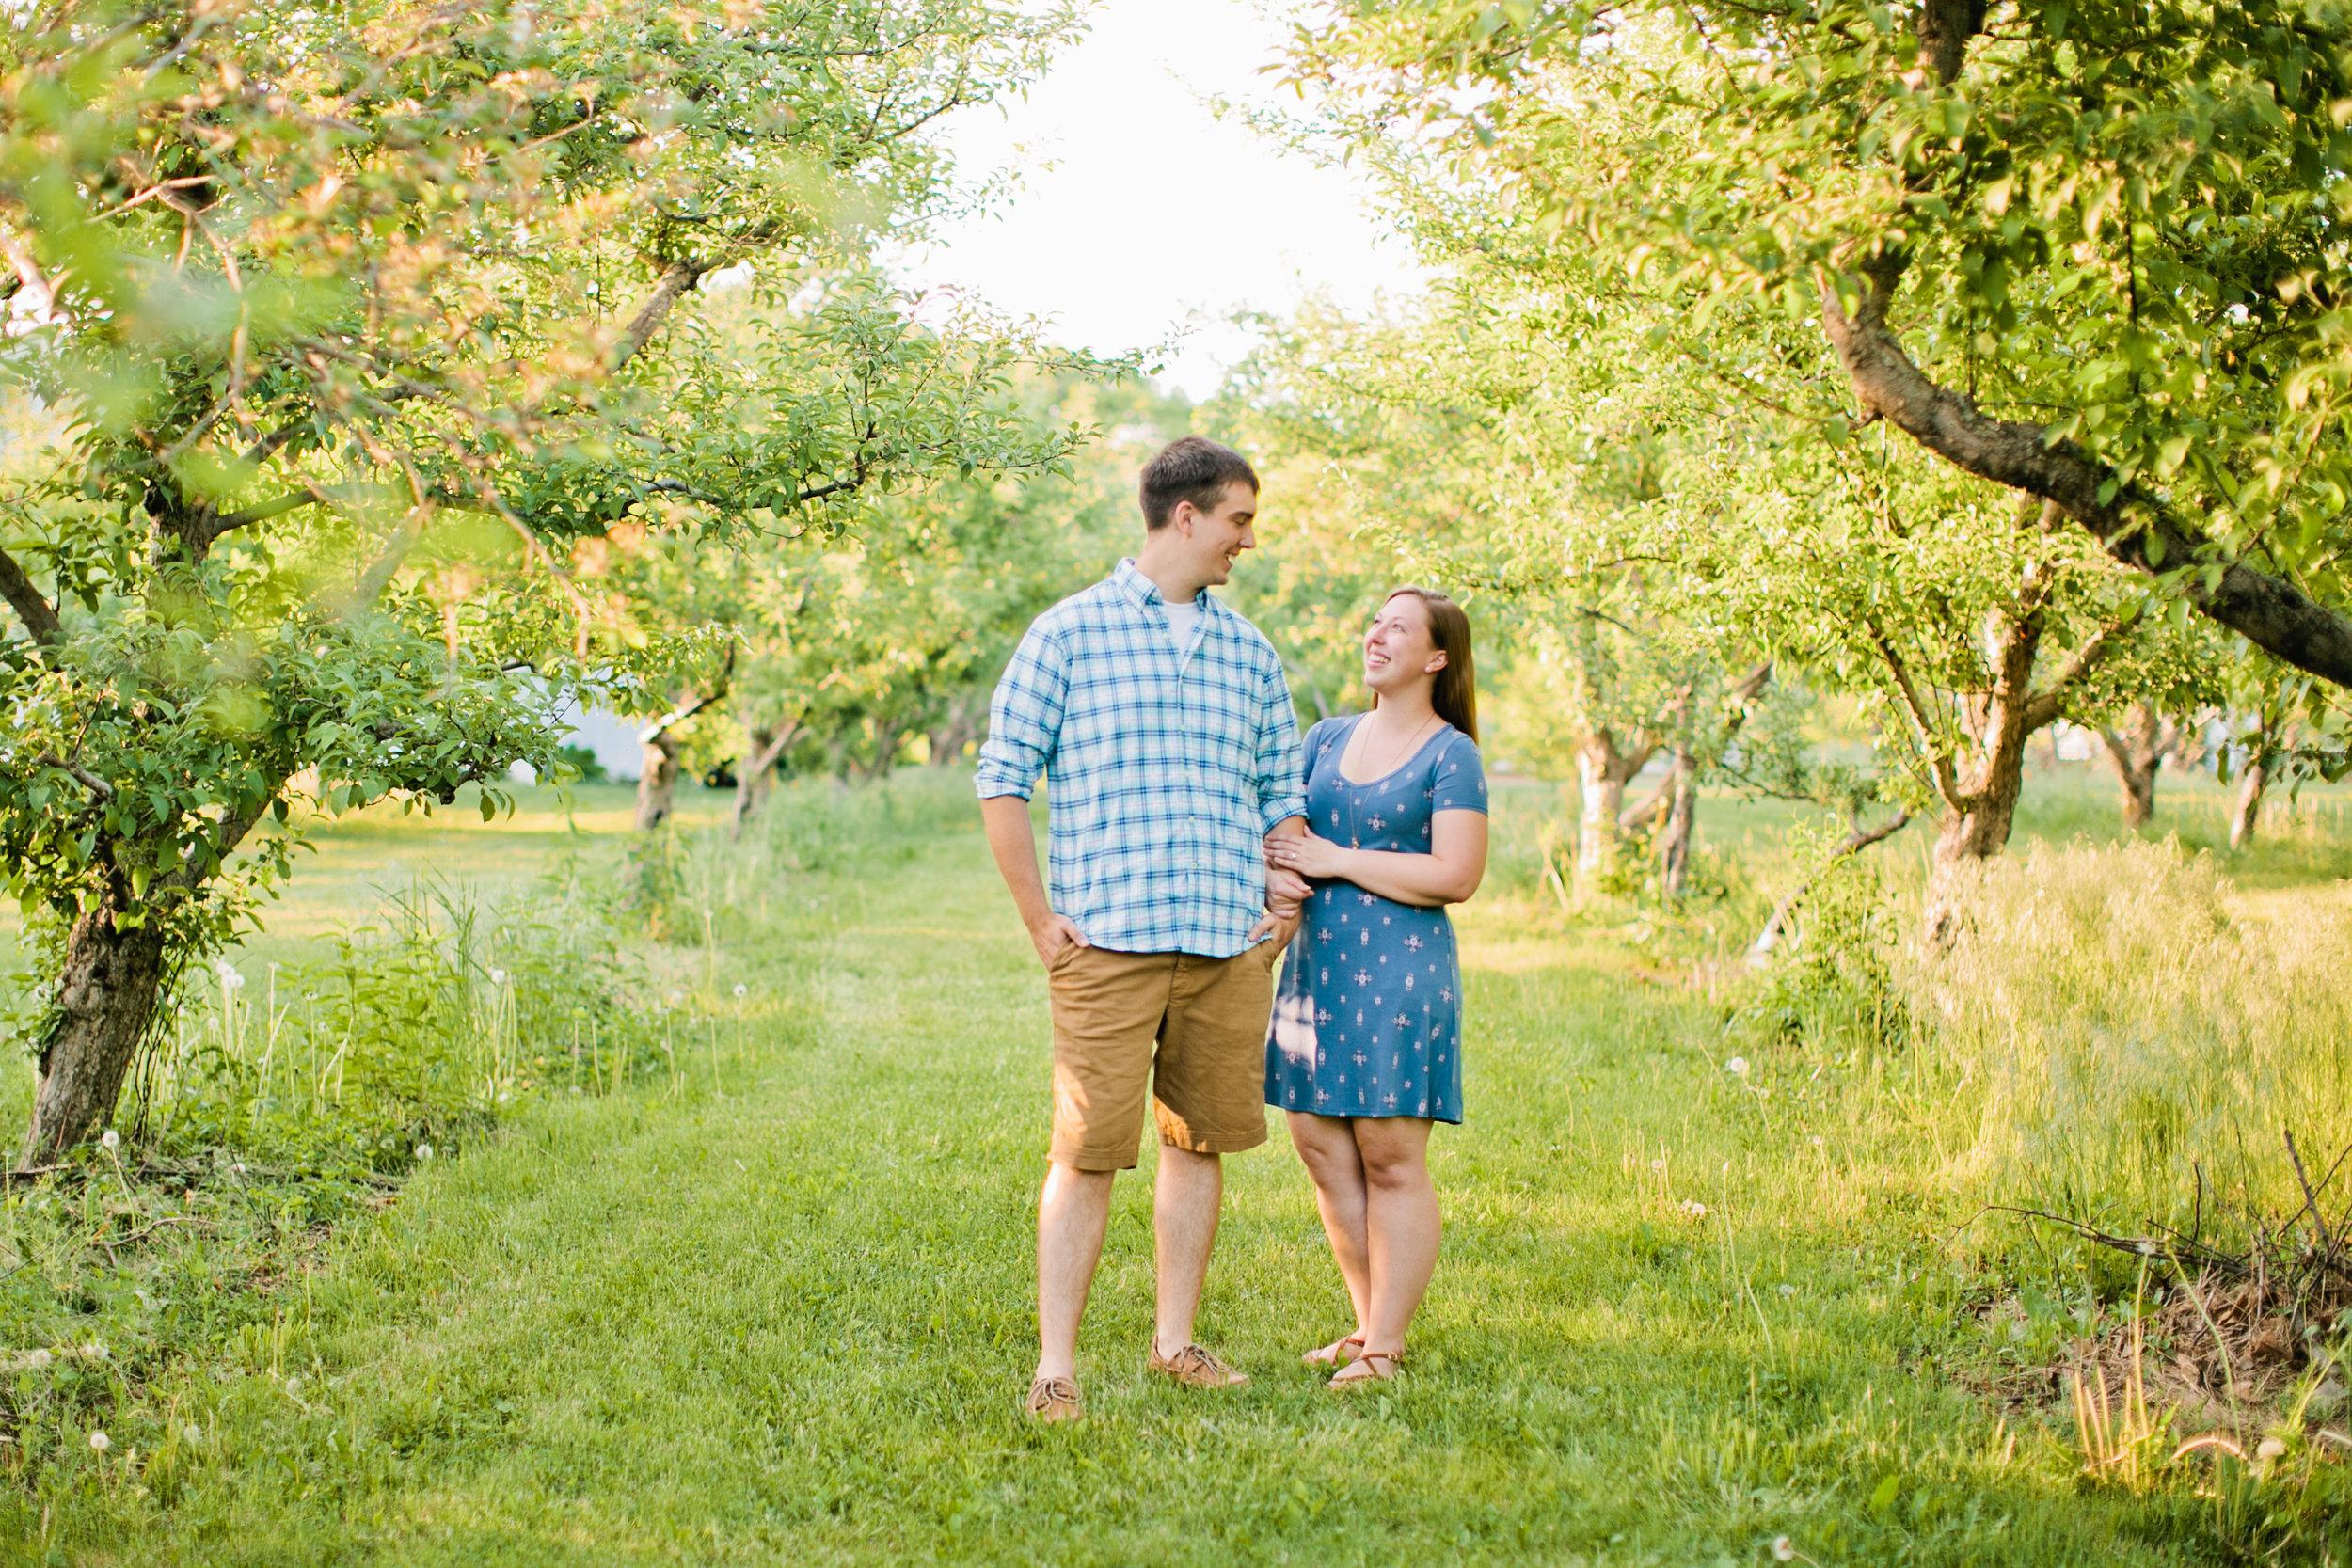 wedding reception venues in West Des Moines photos